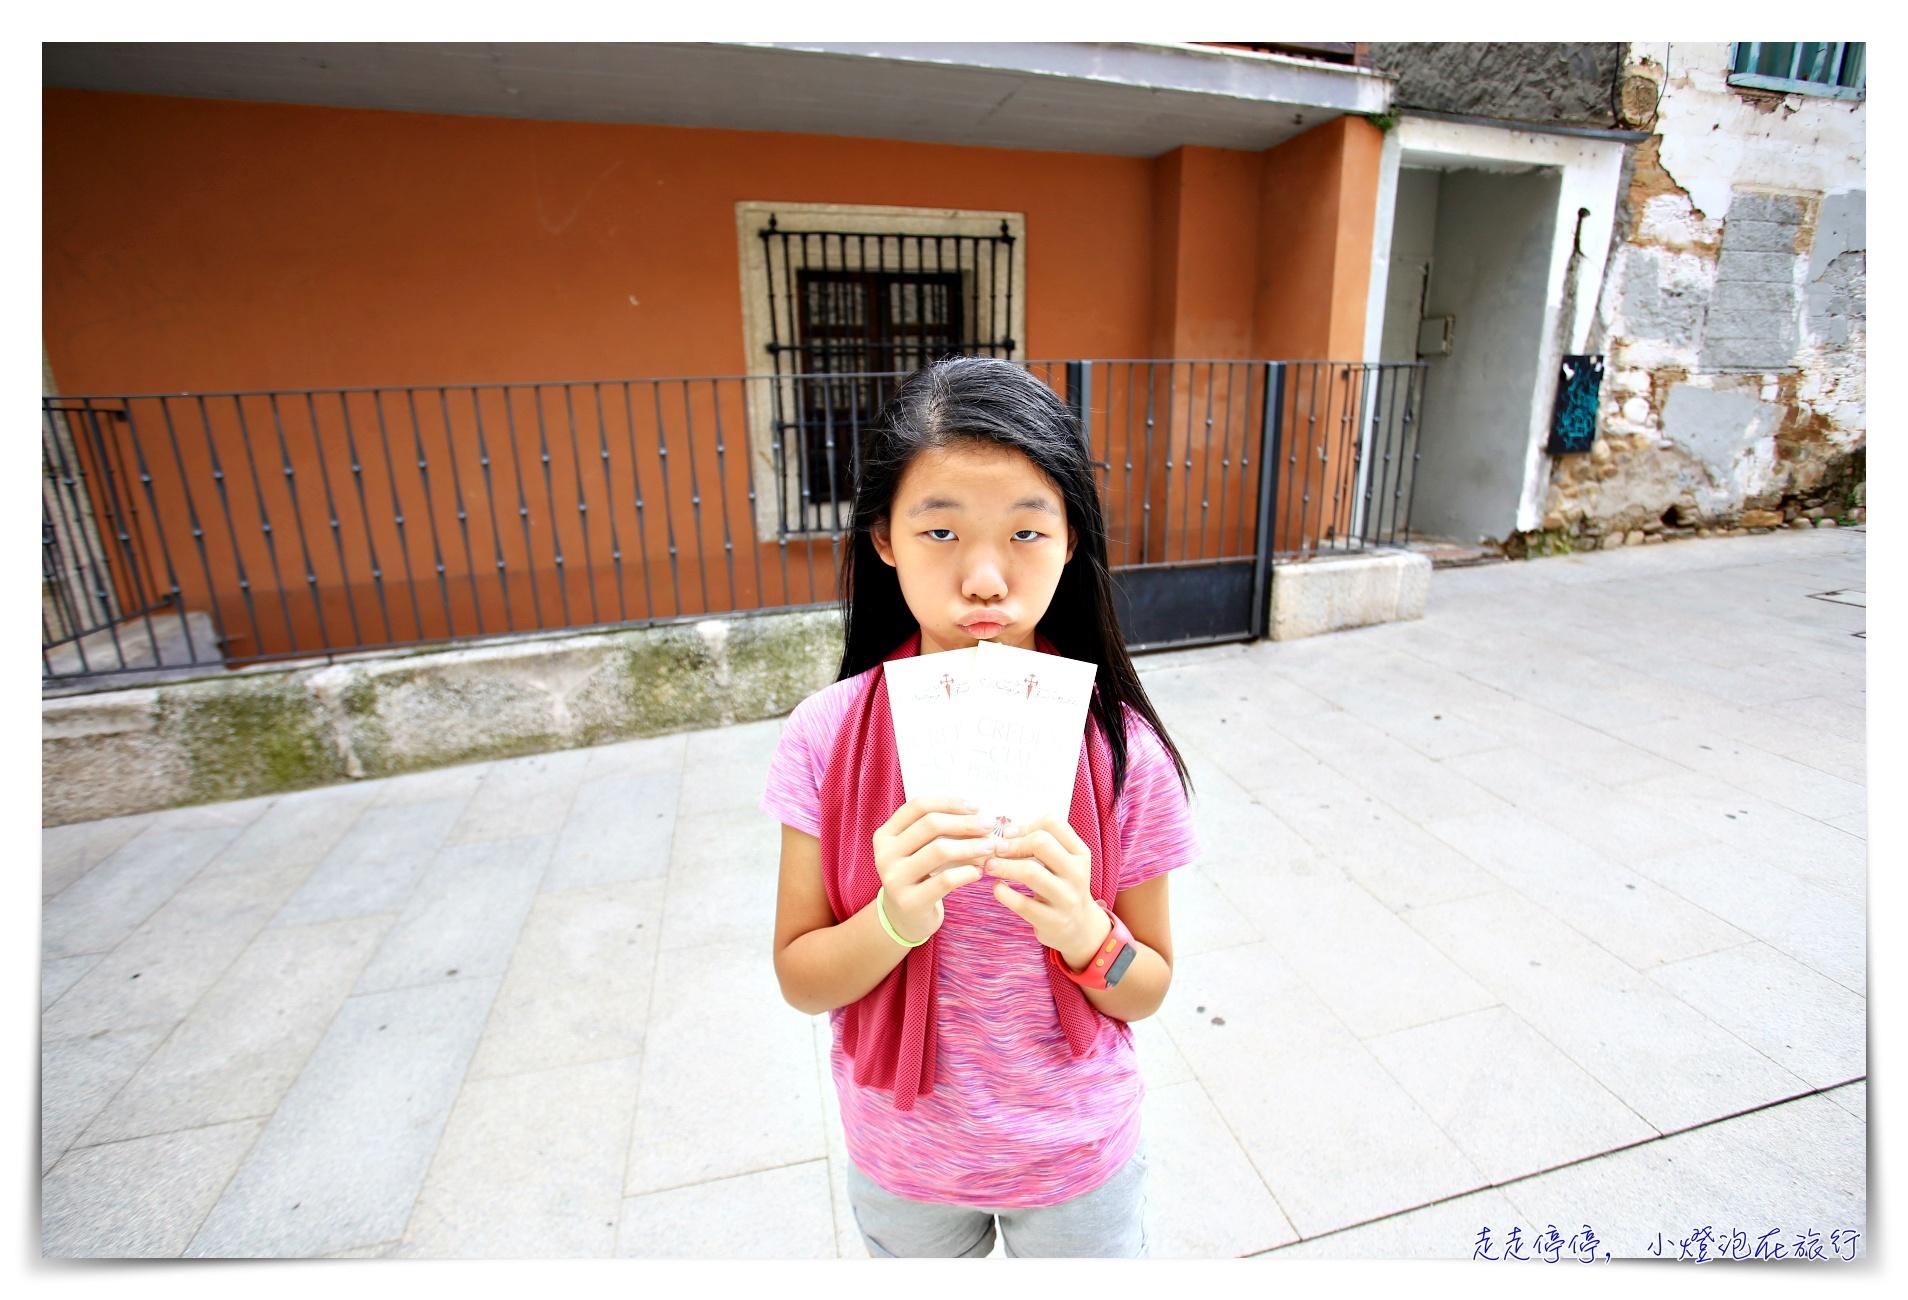 親子教養。給孩子寫信|孩子,這世界上沒有人是完美的,但是請尊重自己與別人!